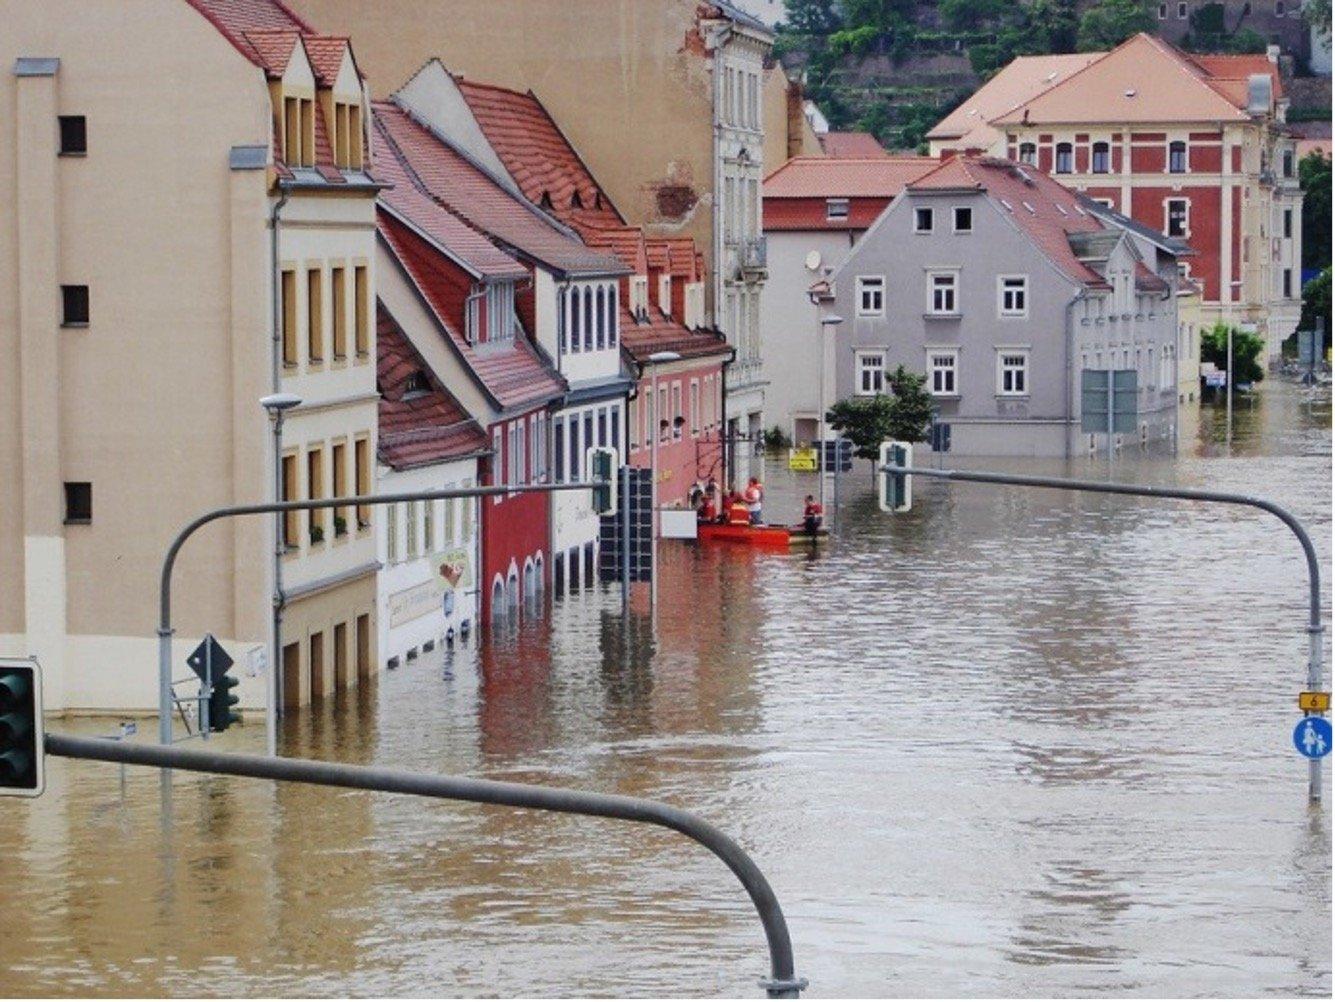 inondation - catastrophe naturelle